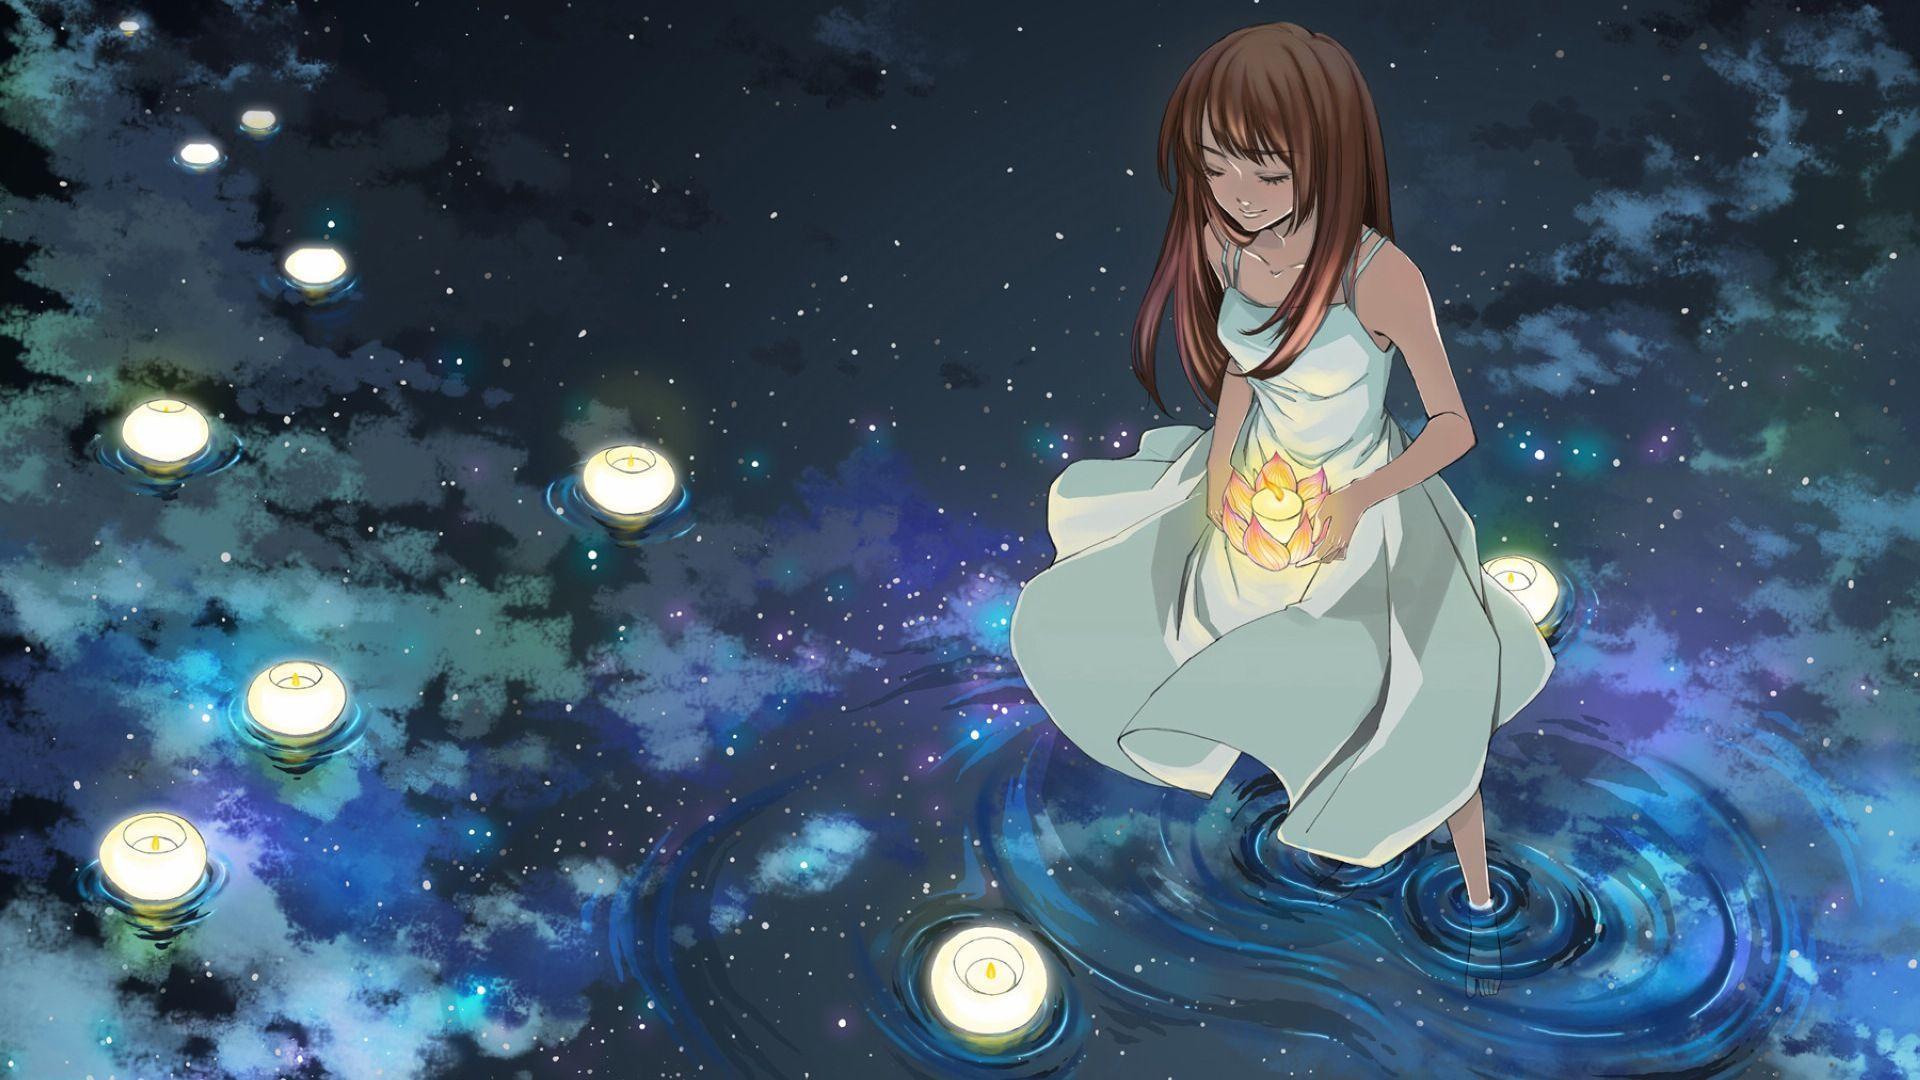 Praying Anime Wallpaper